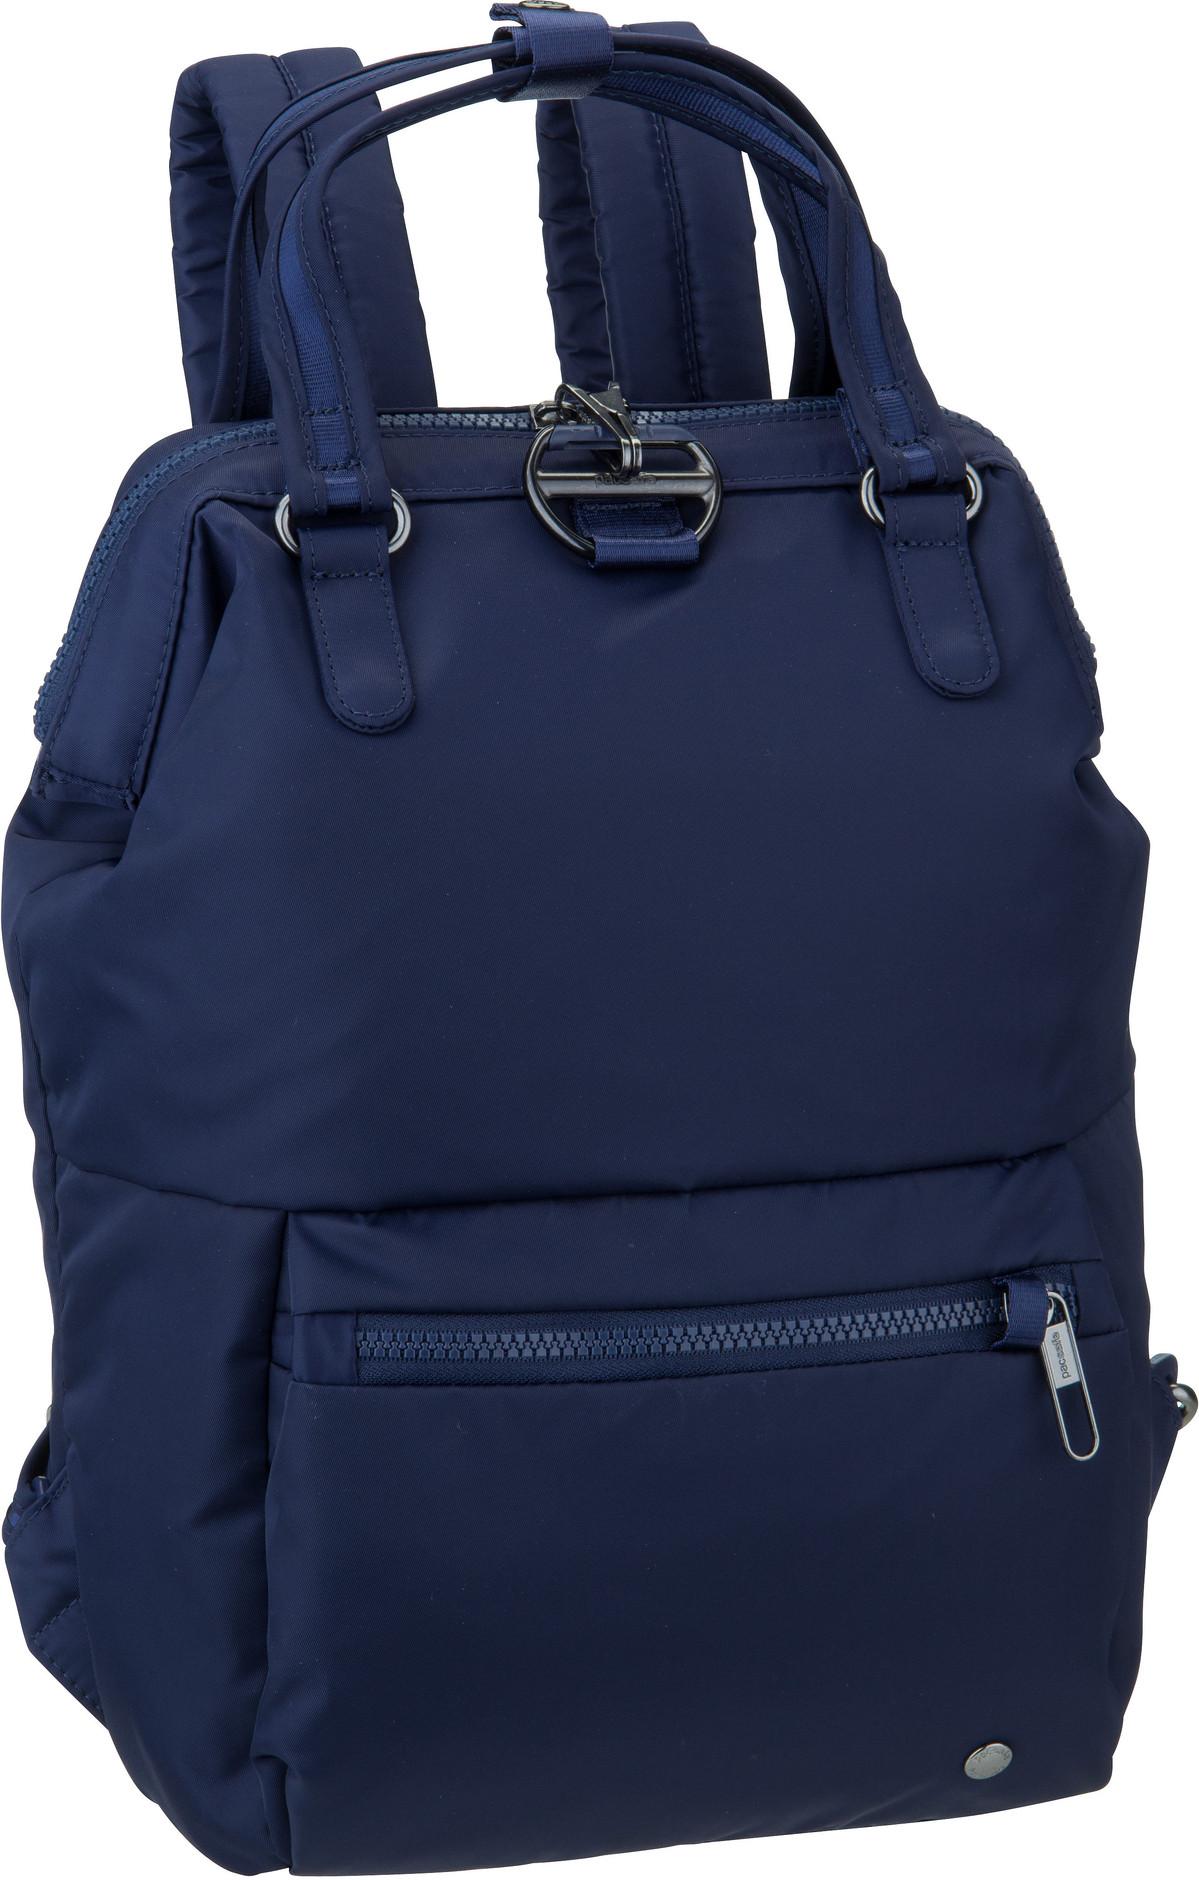 Rucksack / Daypack Citysafe CX Mini Backpack Nightfall (11 Liter)